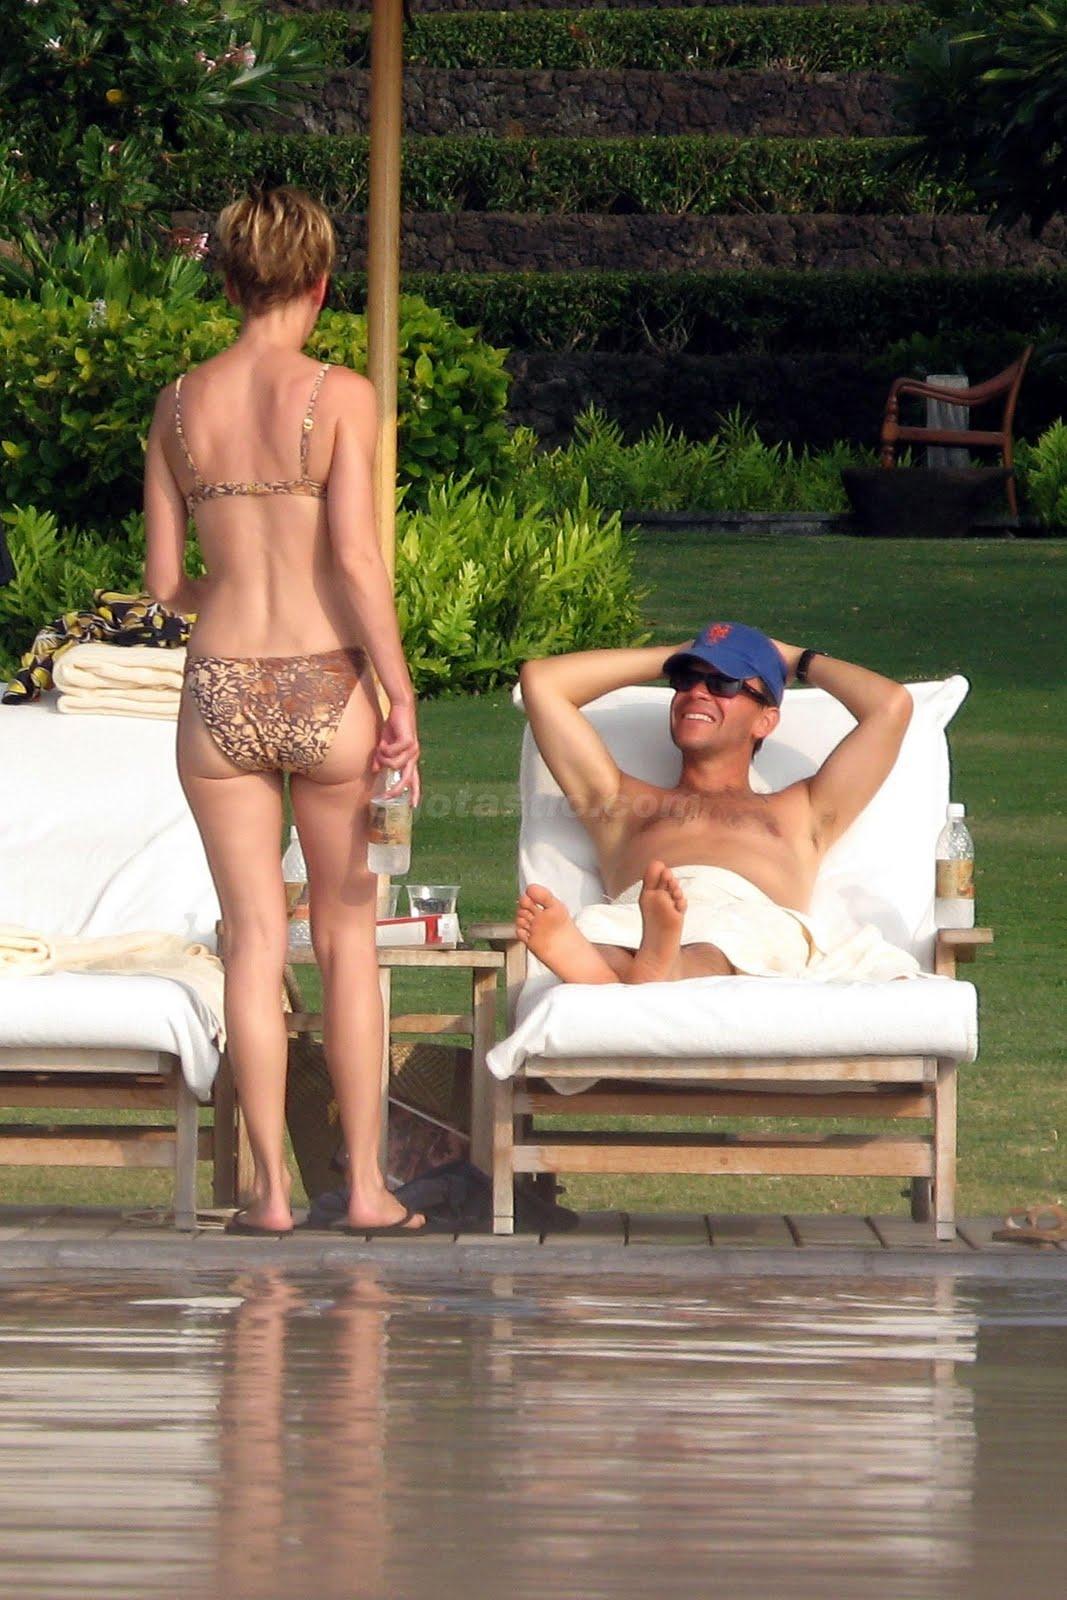 http://3.bp.blogspot.com/_3G4dg-GWVKI/TJNOaOuB4MI/AAAAAAAAIA4/Ahxkr2QgJQI/s1600/12146_hilary-swank-bikini-1-11_123_829lo.jpg